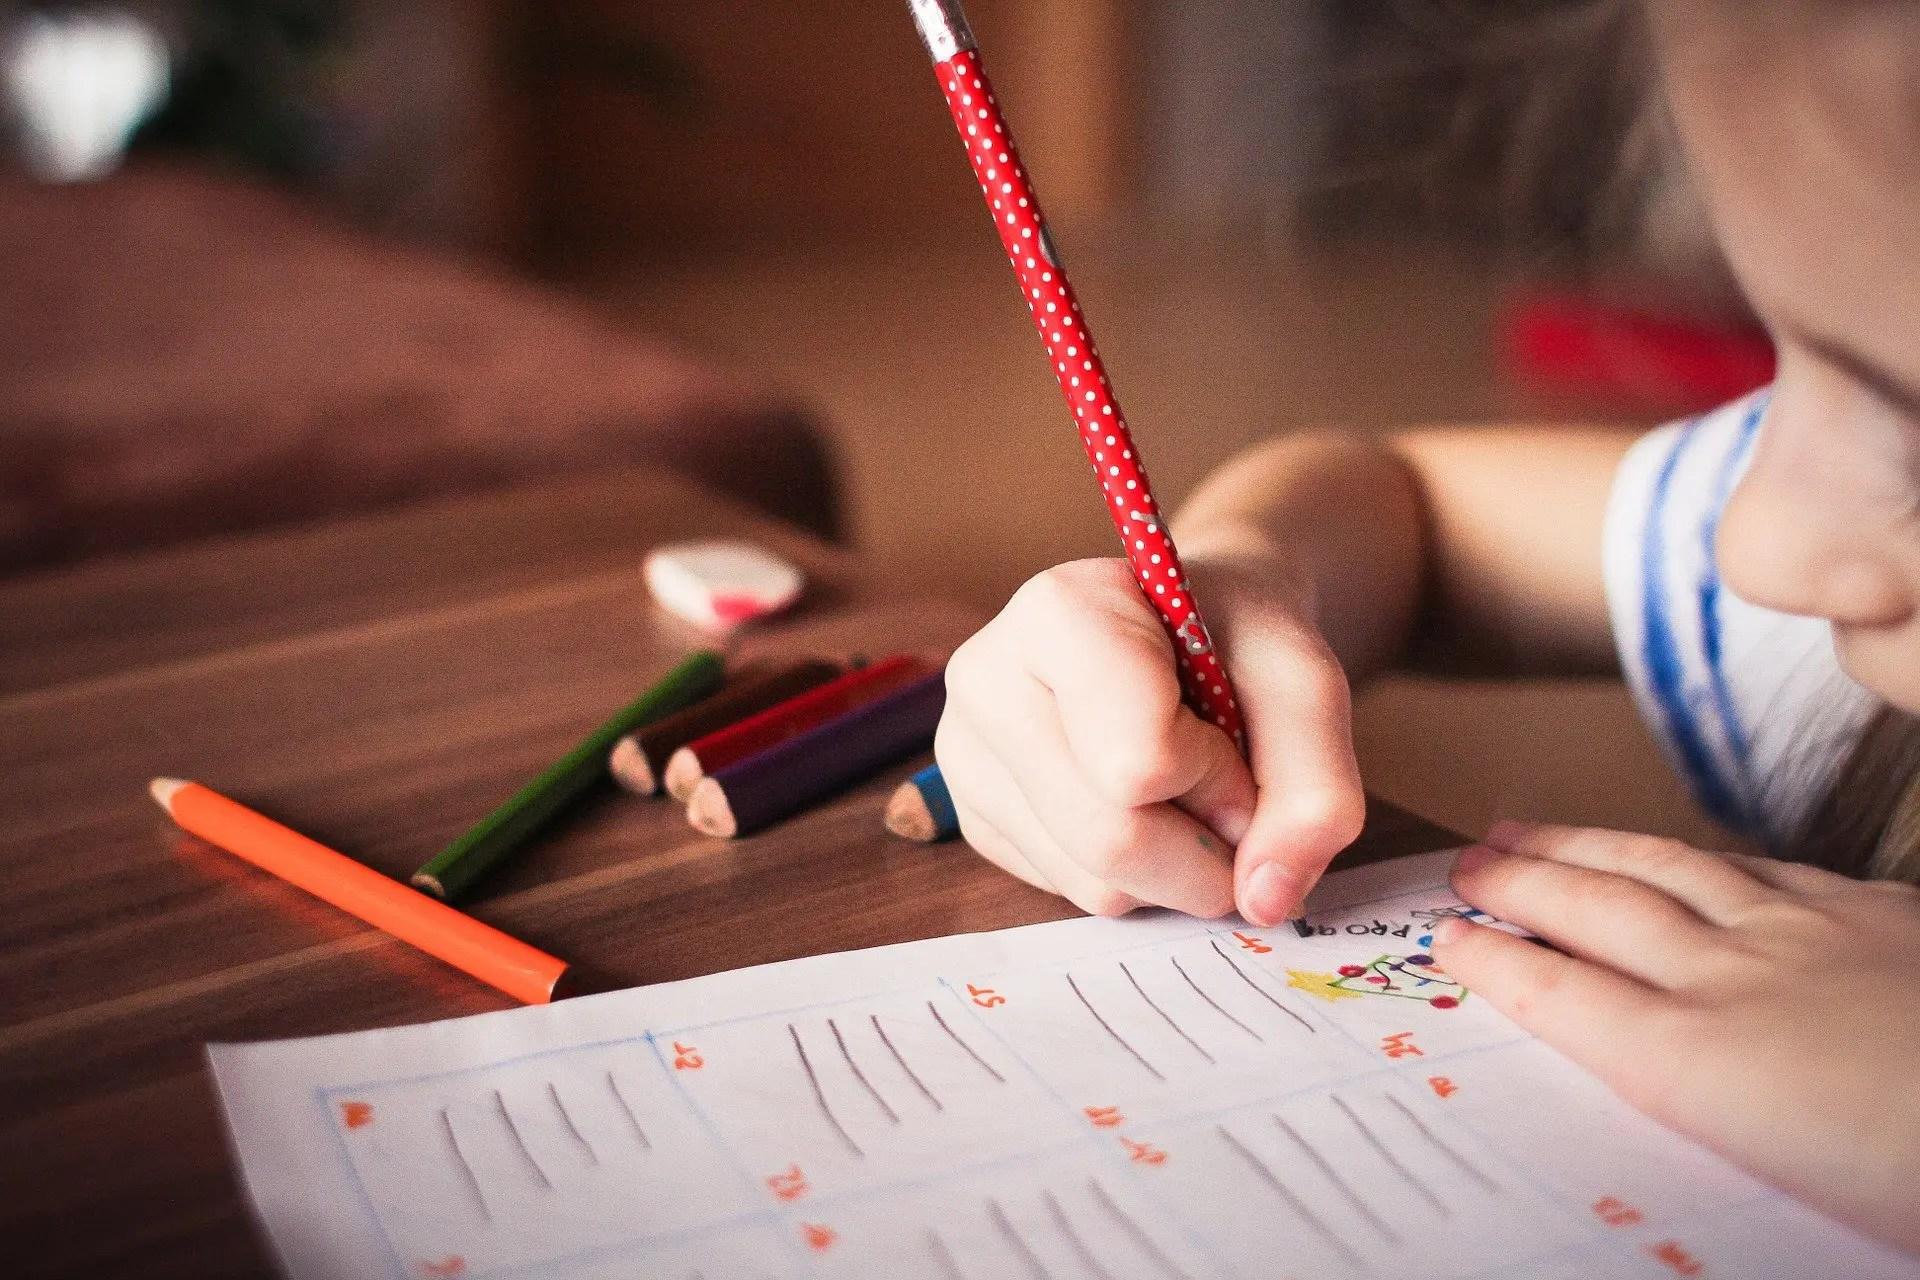 低学年の自主学習の内容の見本は?